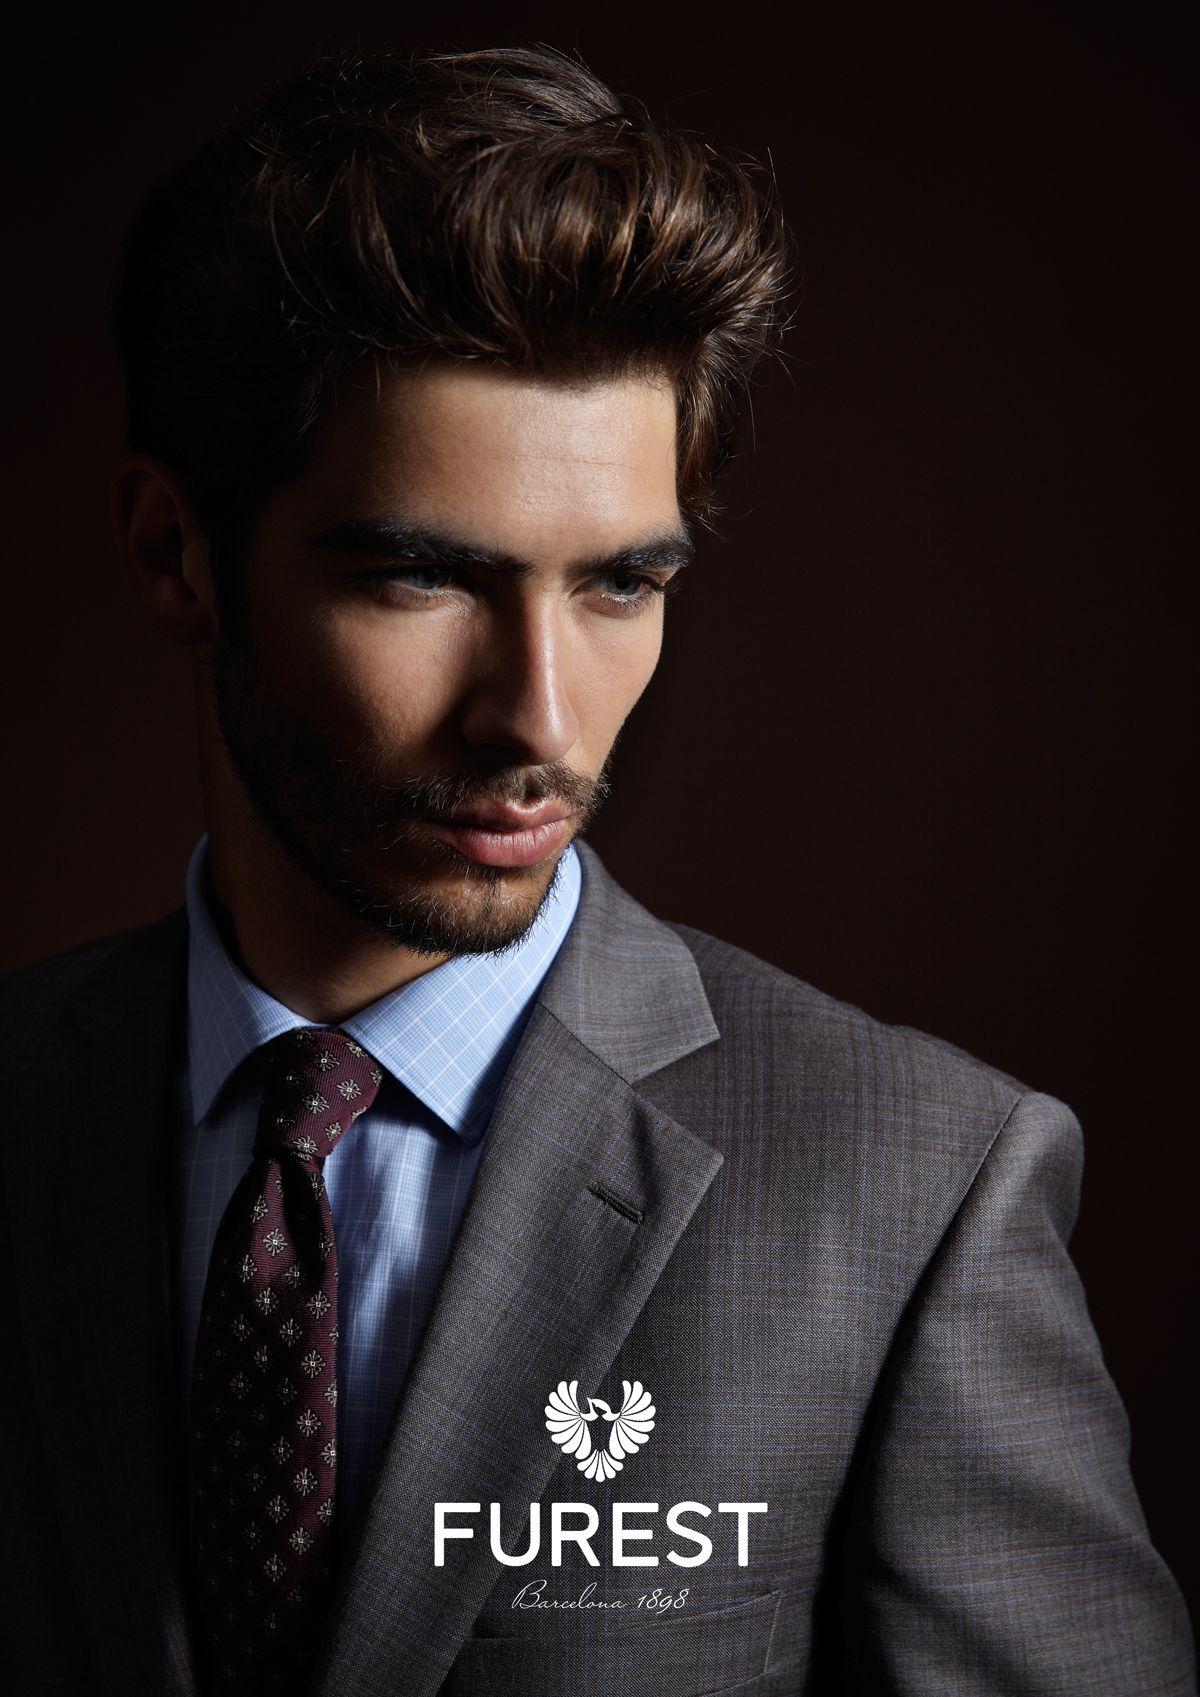 Nueva Colección Furest AW13. trajes de